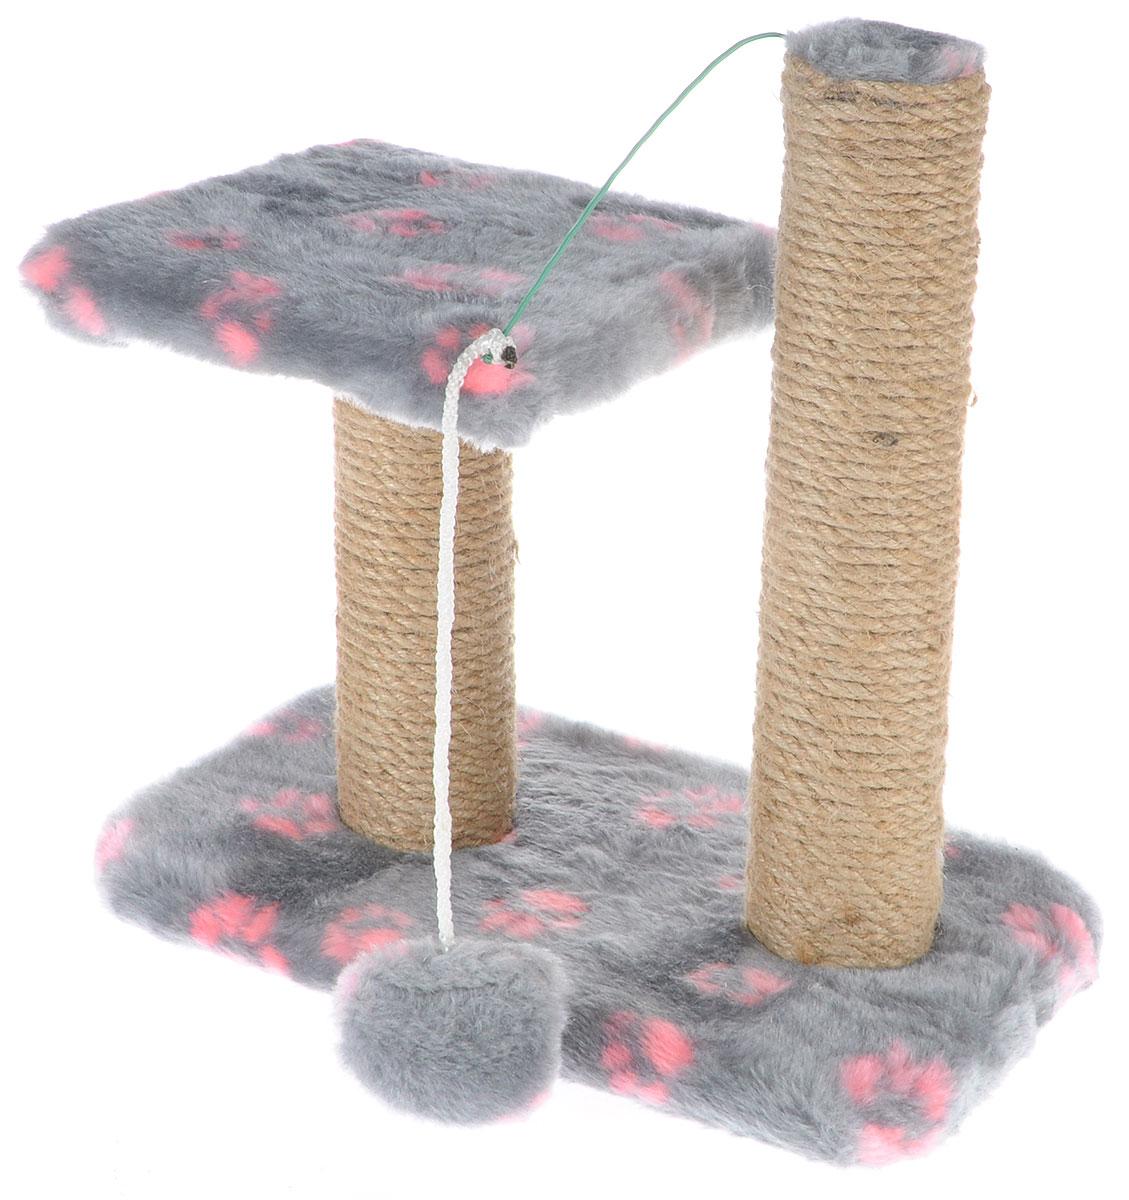 Когтеточка для котят Меридиан, двойная, цвет: серый, розовый, бежевый, 30 х 20 х 34 смК703ЛаКогтеточка Меридиан предназначена для стачивания когтей вашего котенка и предотвращения их врастания. Она выполнена из ДВП, ДСП и обтянута искусственным мехом. Точатся когти о столбик из джута. Когтеточка оснащена подвесной игрушкой и полкой, на которой котенок сможет отдохнуть.Когтеточка позволяет сохранить неповрежденными мебель и другие предметы интерьера.